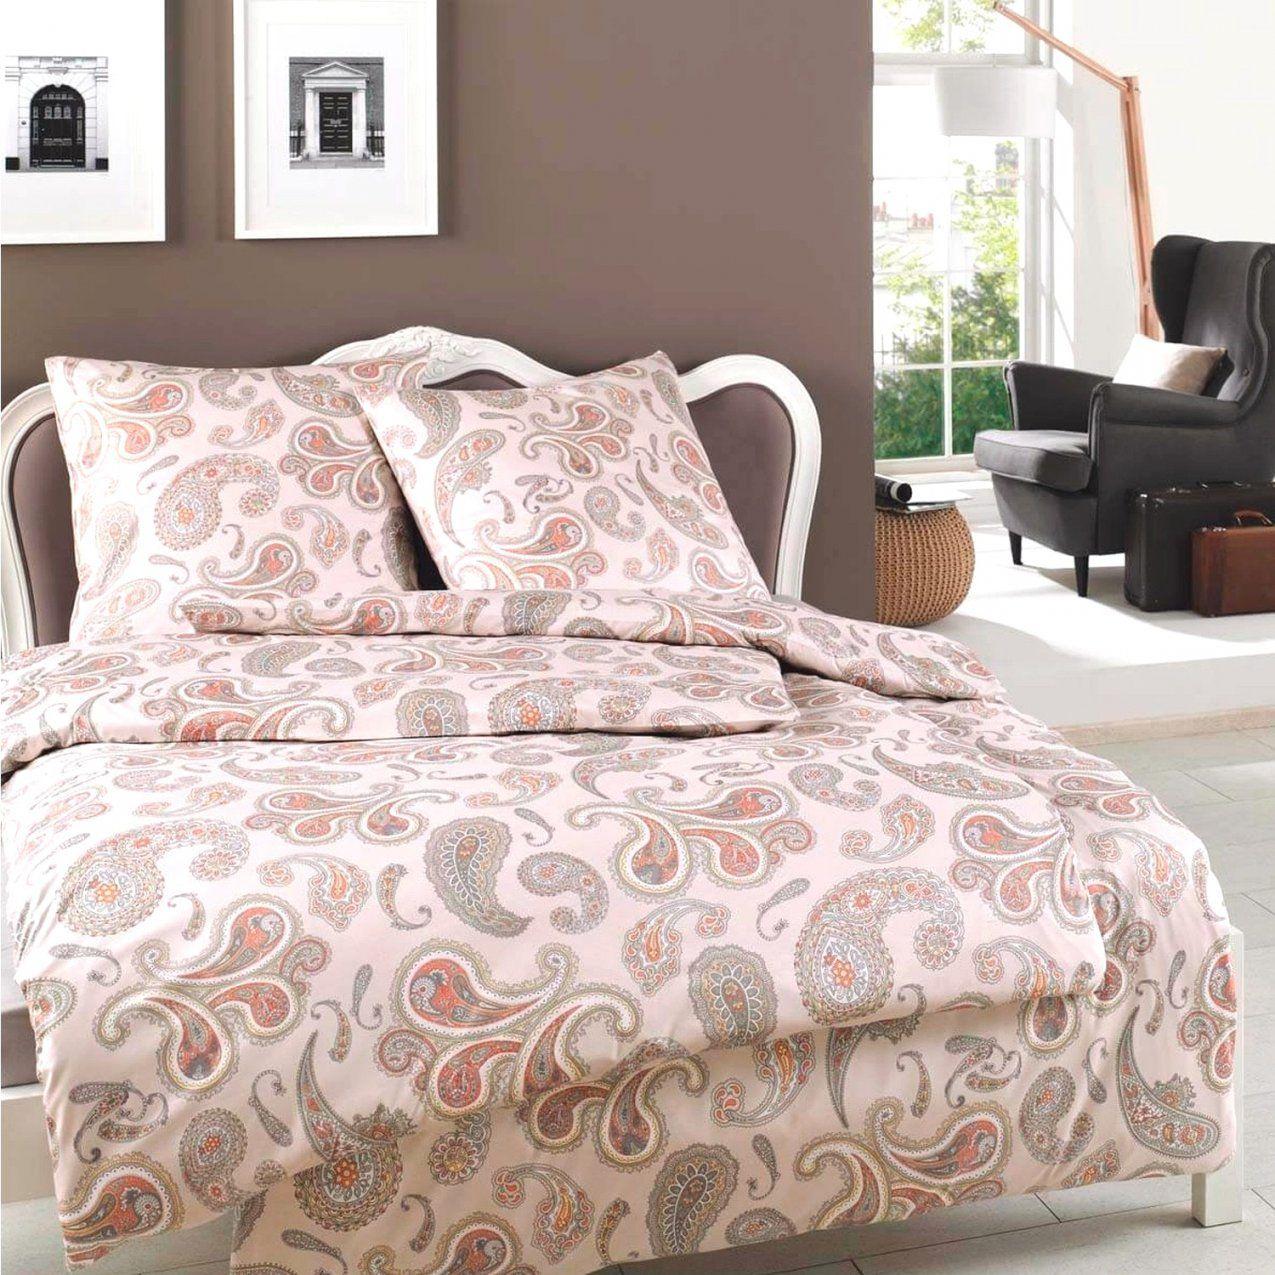 bettw sche estella reduziert haus design ideen. Black Bedroom Furniture Sets. Home Design Ideas